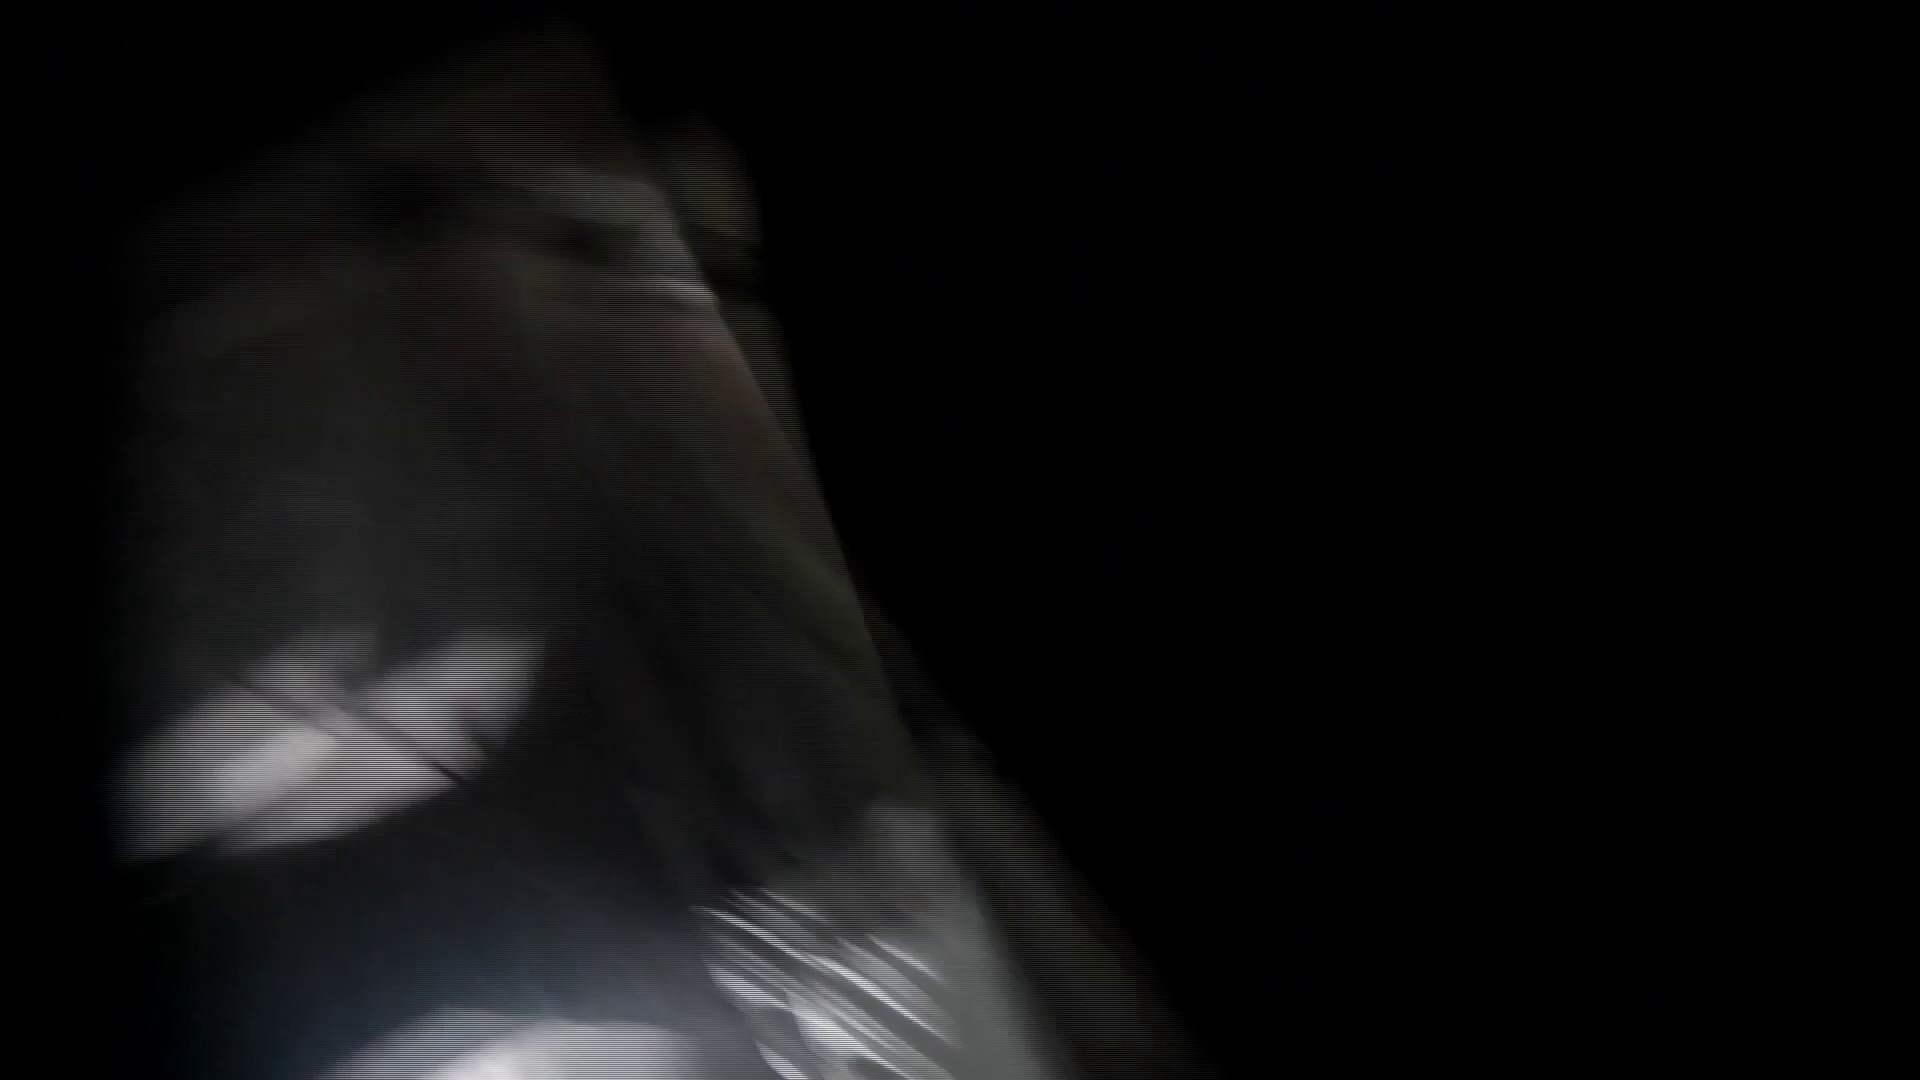 ステーション編 vol40 更に画質アップ!!無料動画のモデルつい登場3 盛合せ ヌード画像 85枚 9